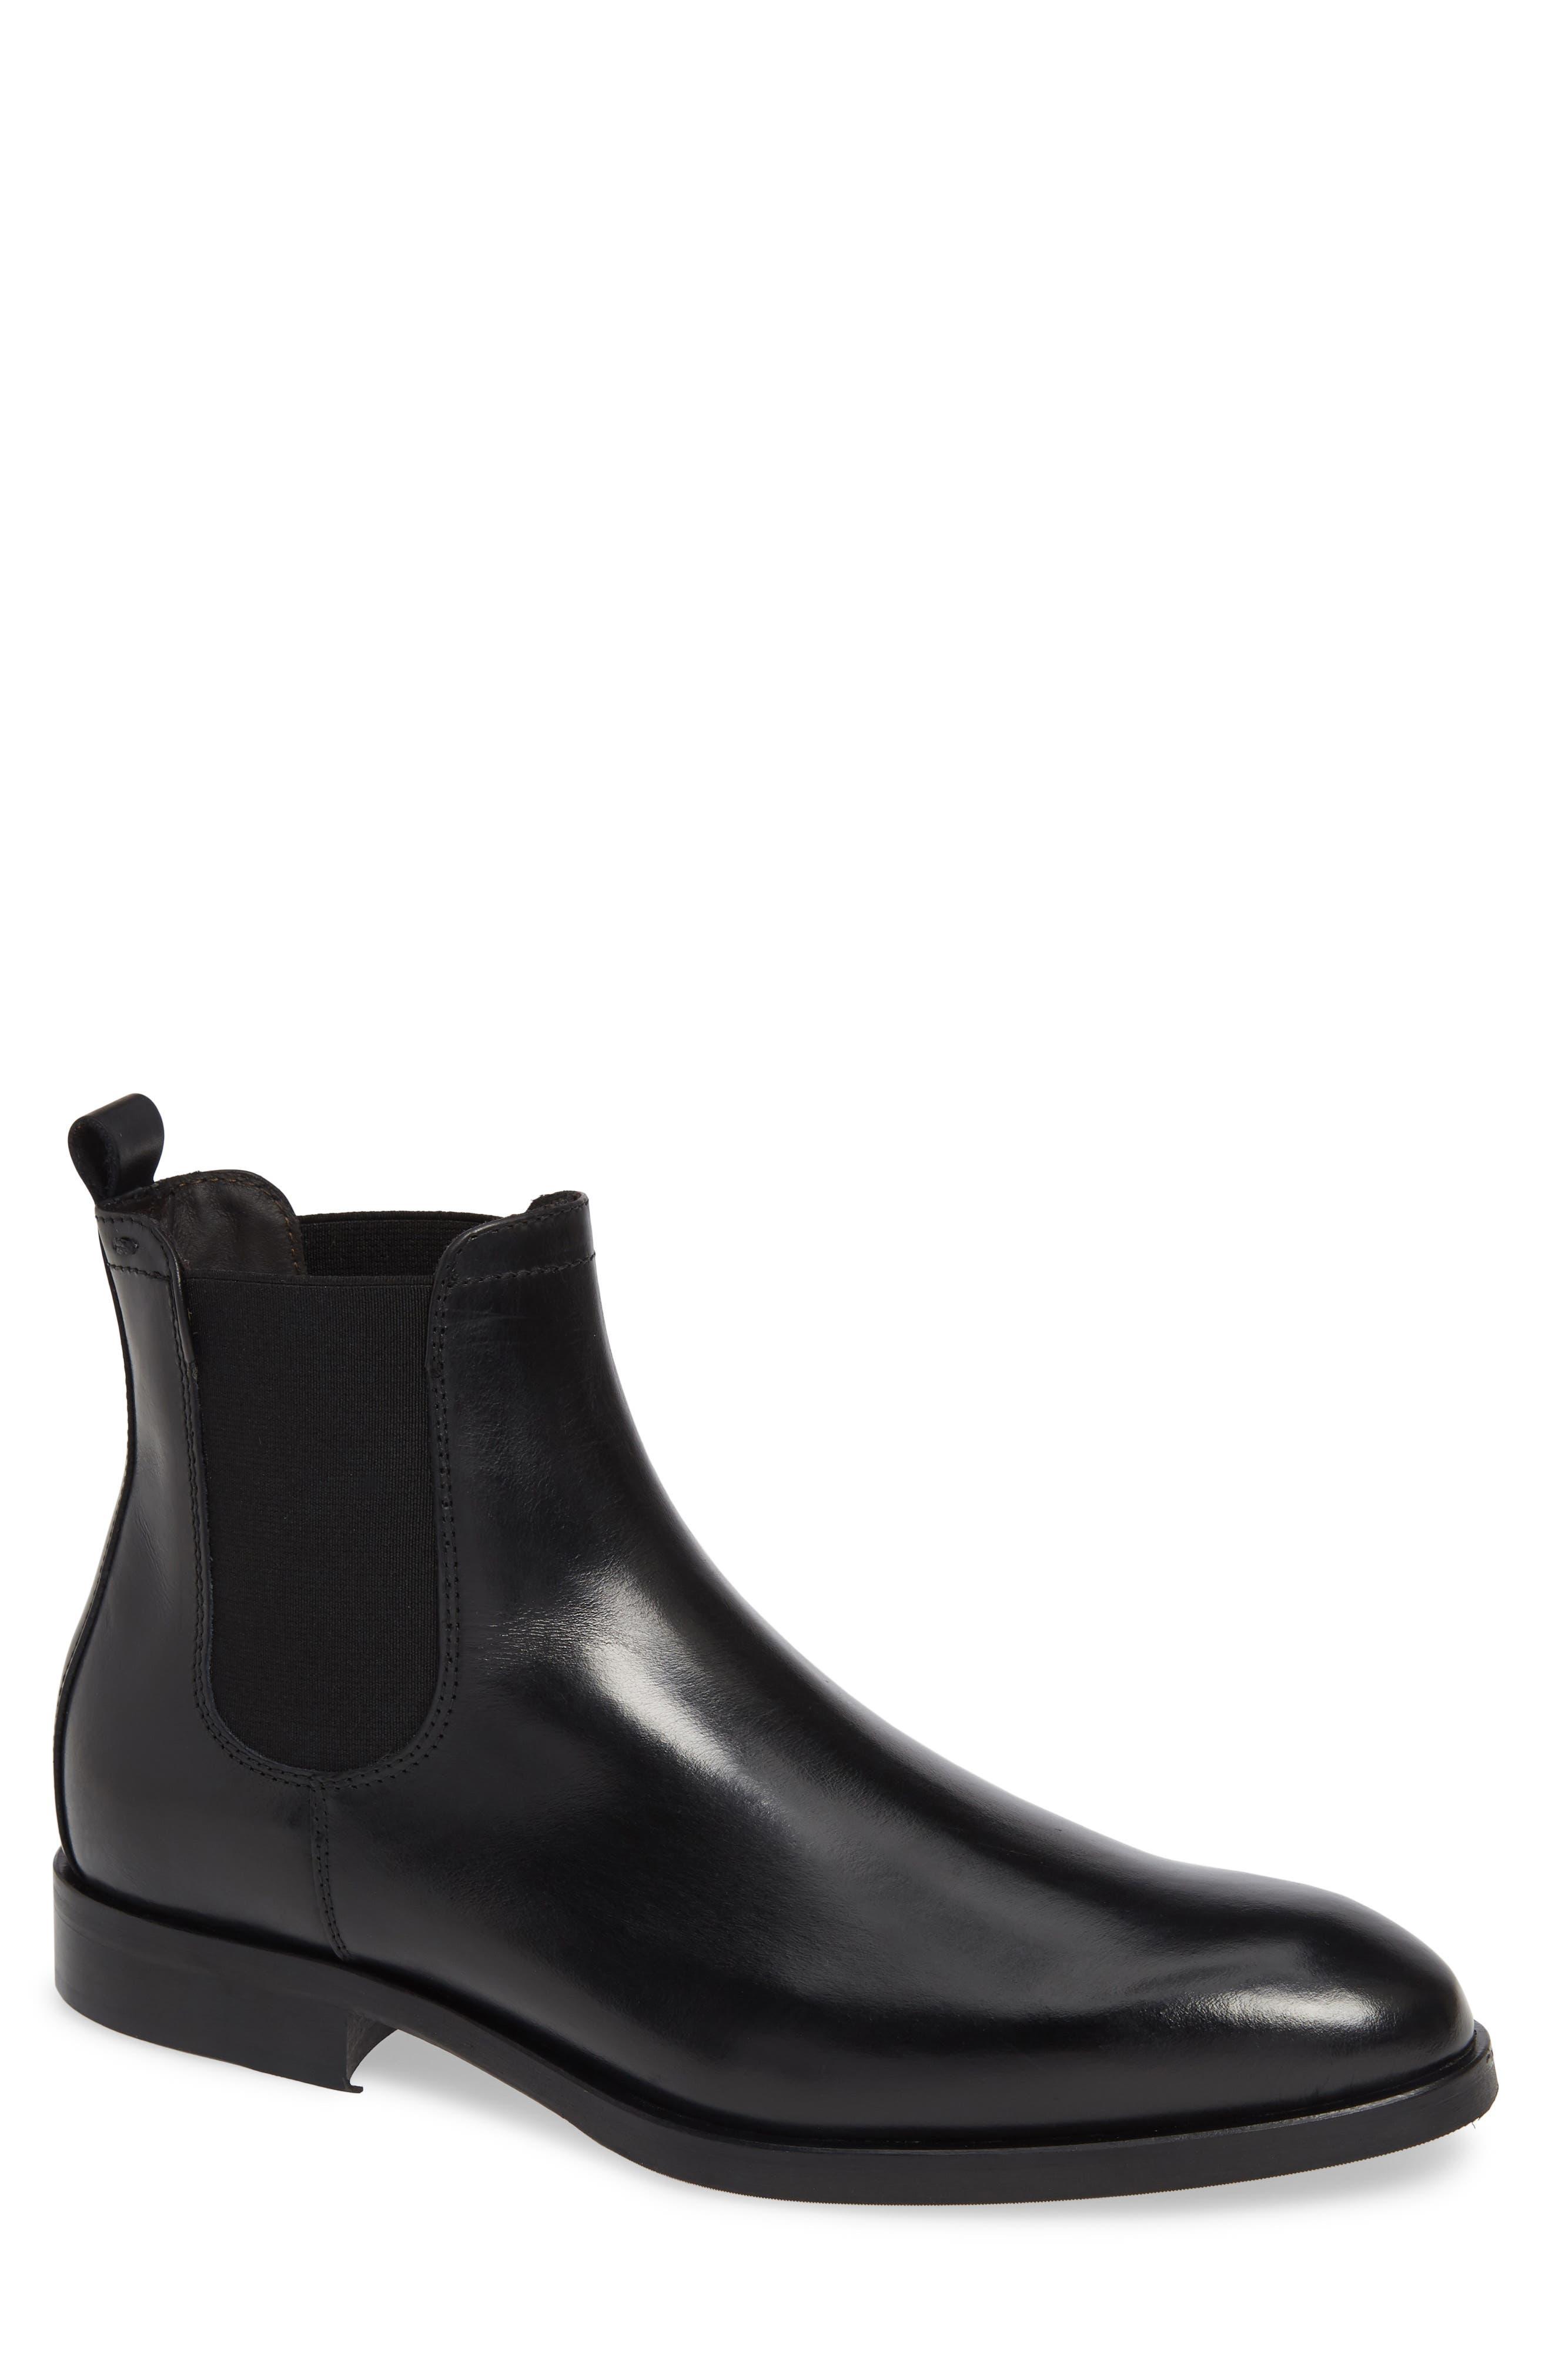 Andreas Chelsea Boot,                         Main,                         color, VITELLO NERO LEATHER